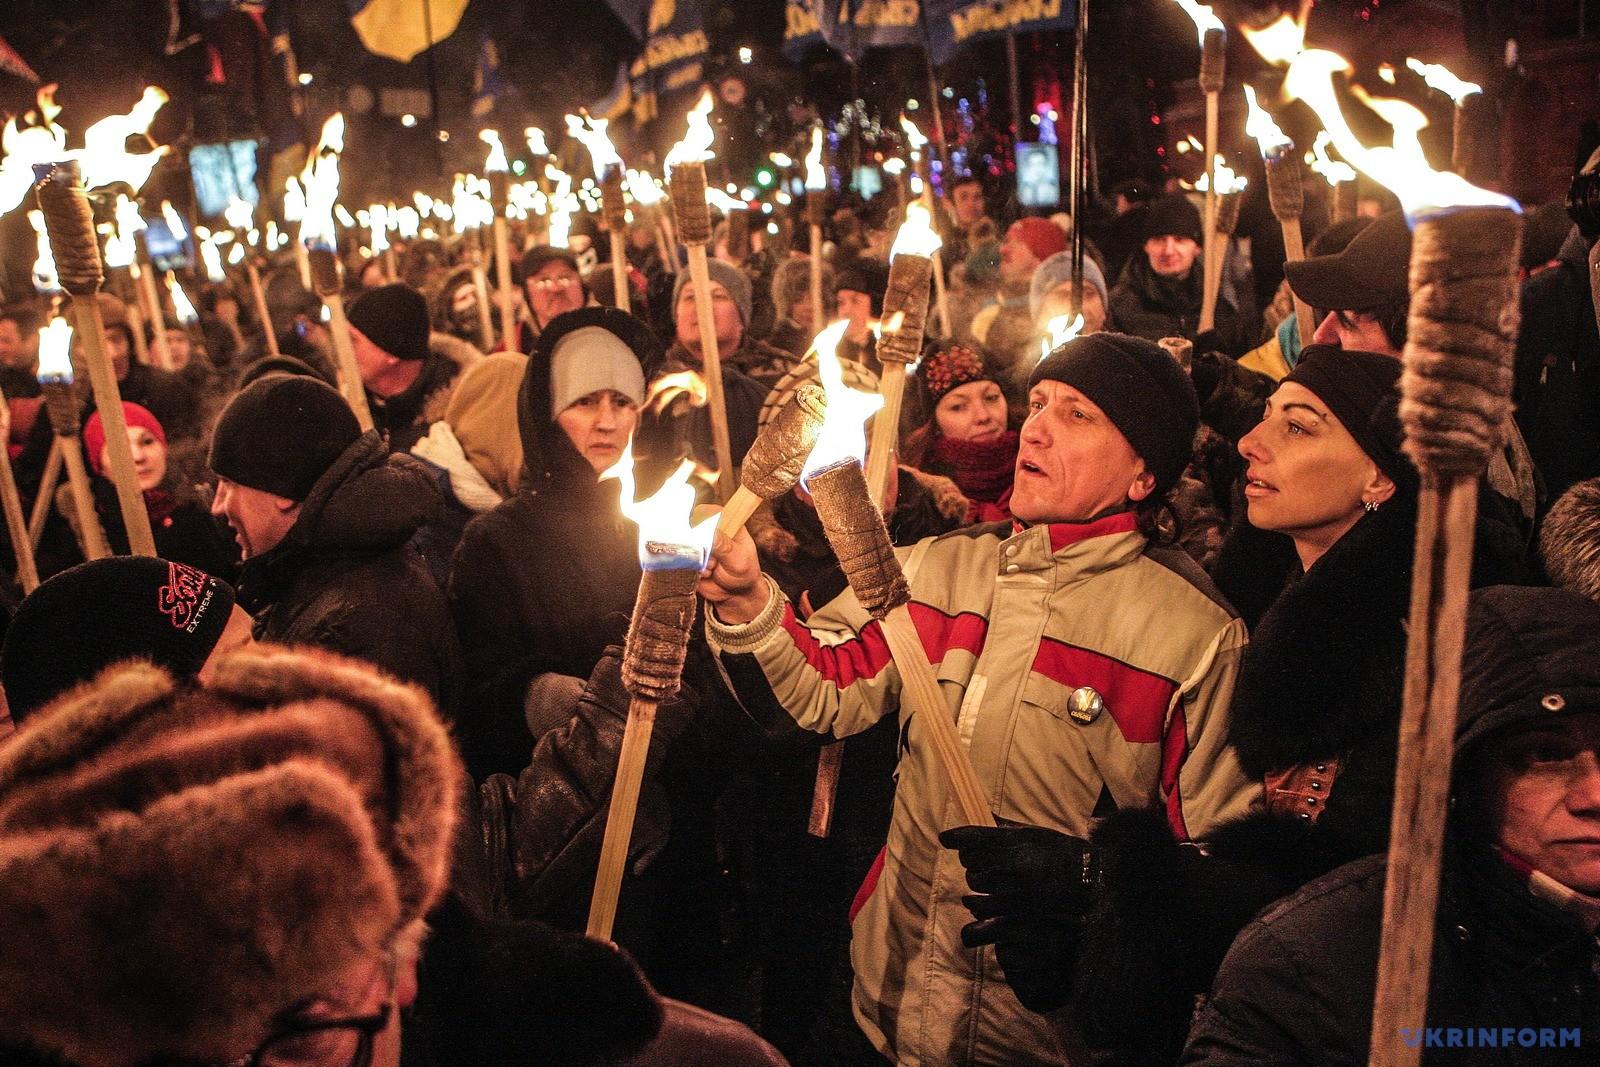 Факельное шествие в Киеве по случаю 107-й годовщины со дня рождения Степана Бандеры / Фото: Олег Петрасюк, Укринформ